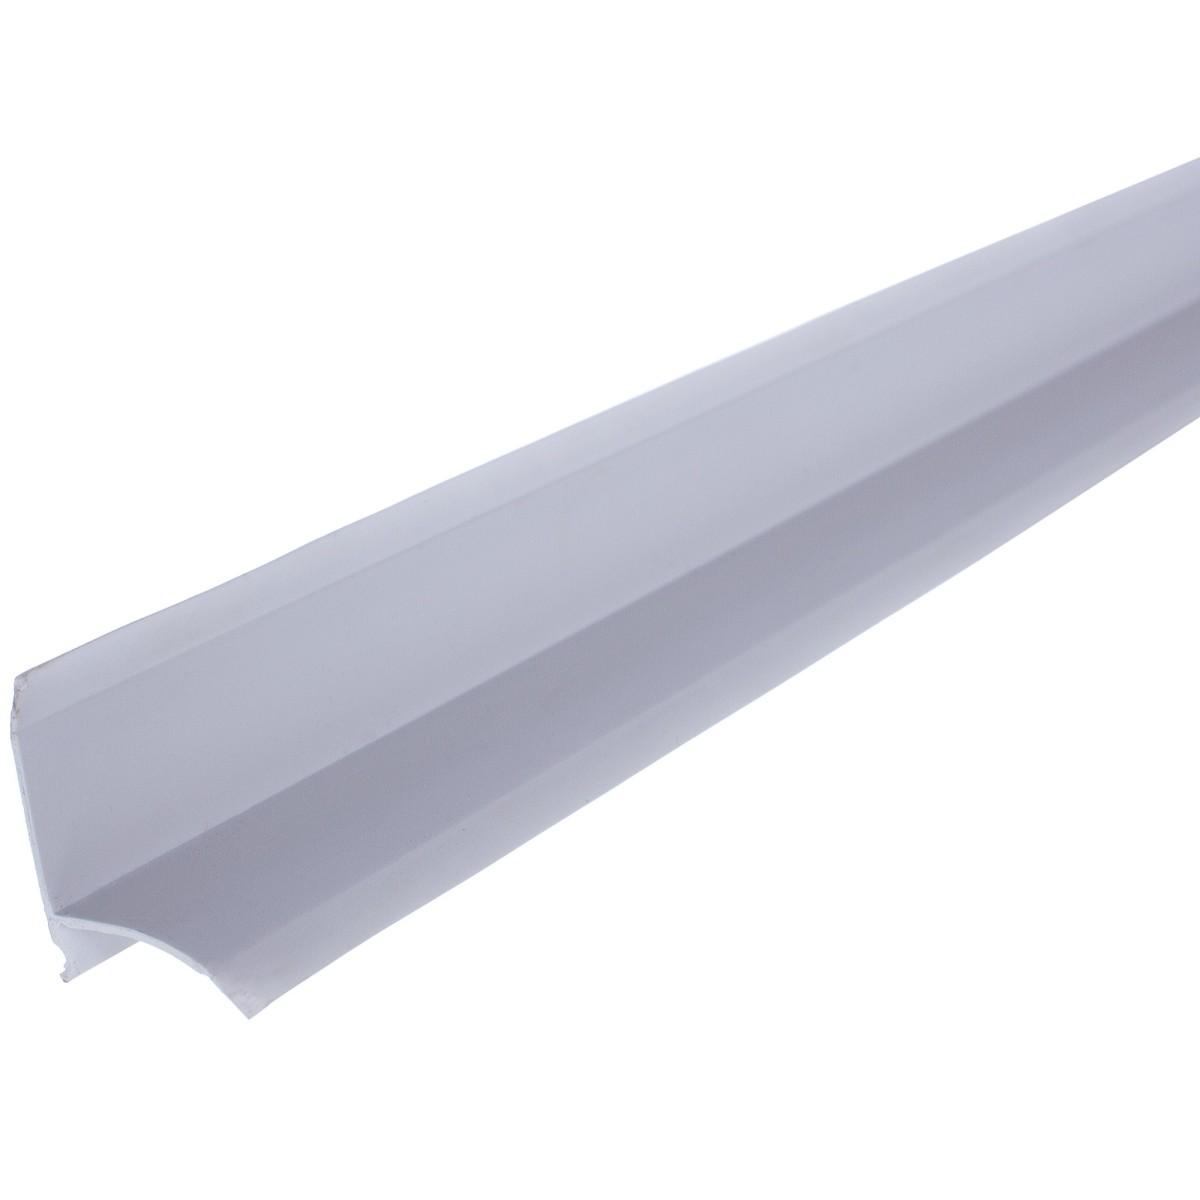 Бордюр для ванны 200 см цвет белый